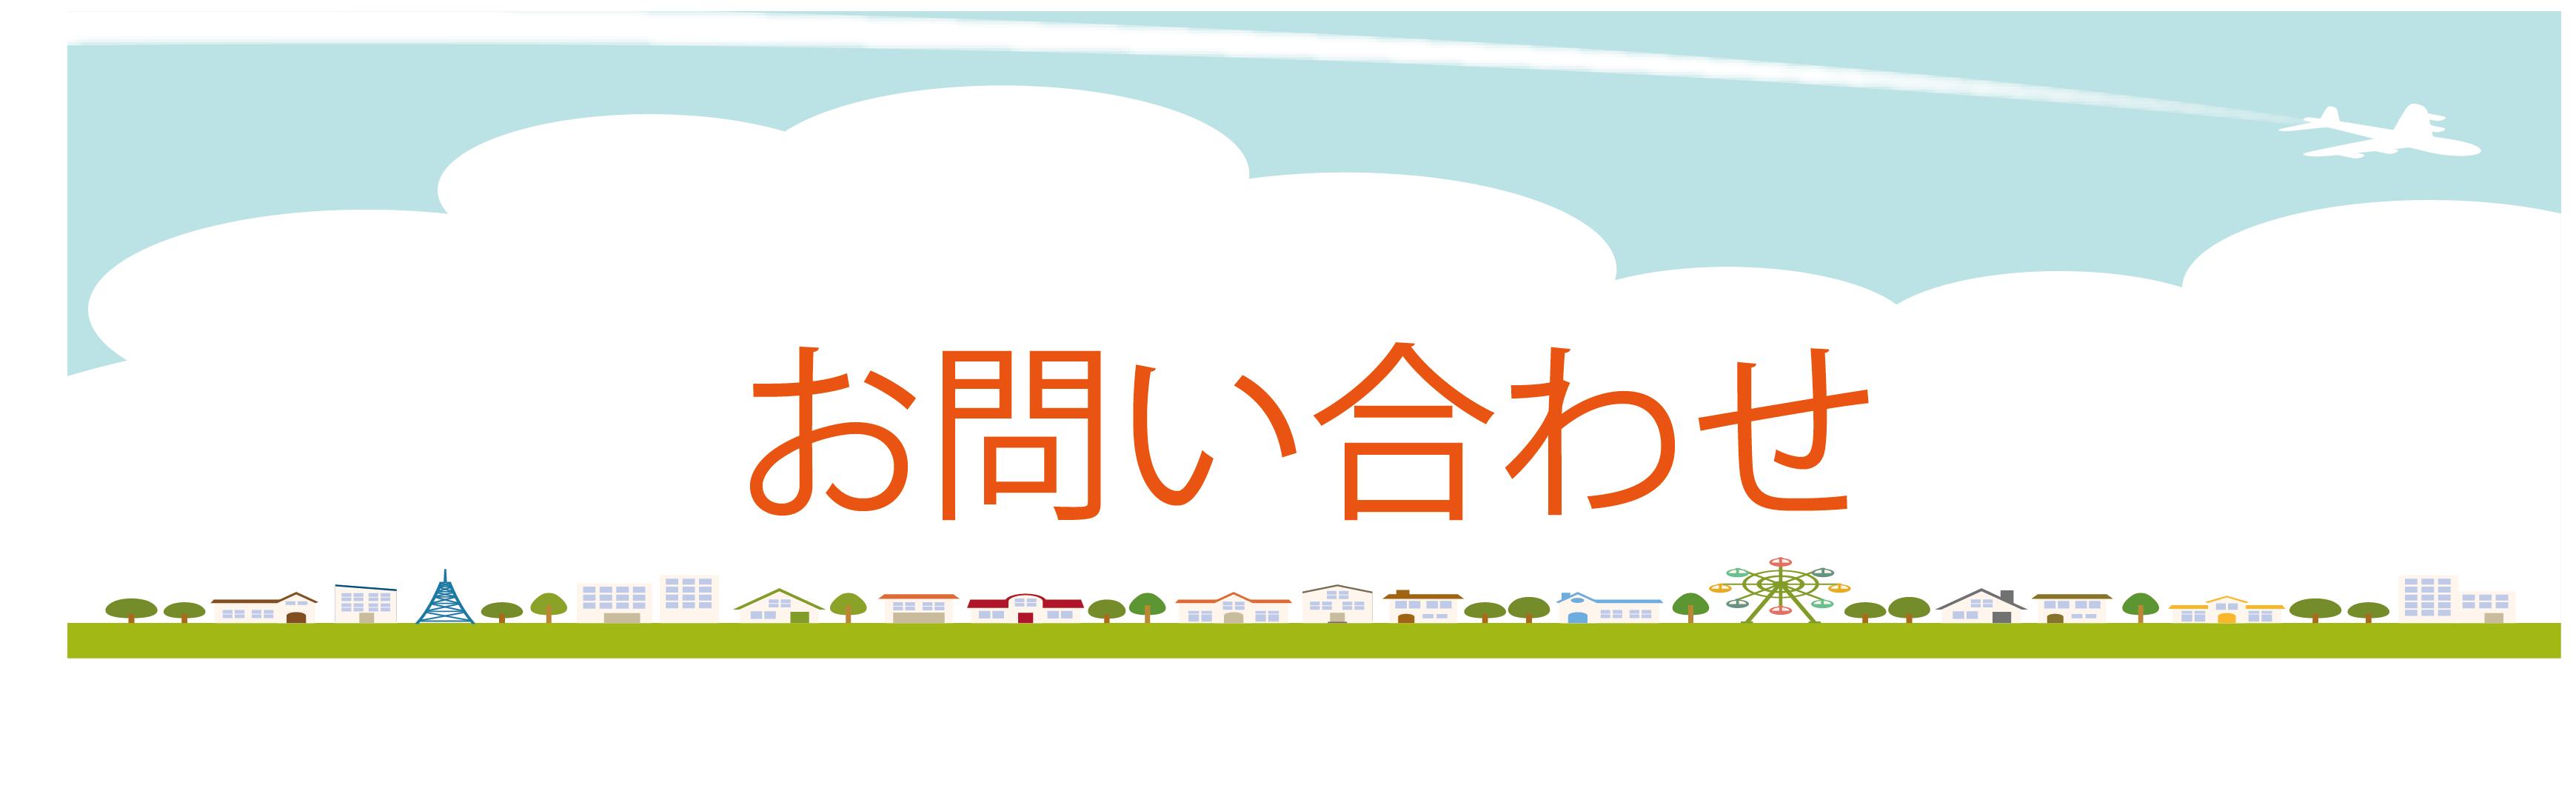 松本祐輔税理士事務所②